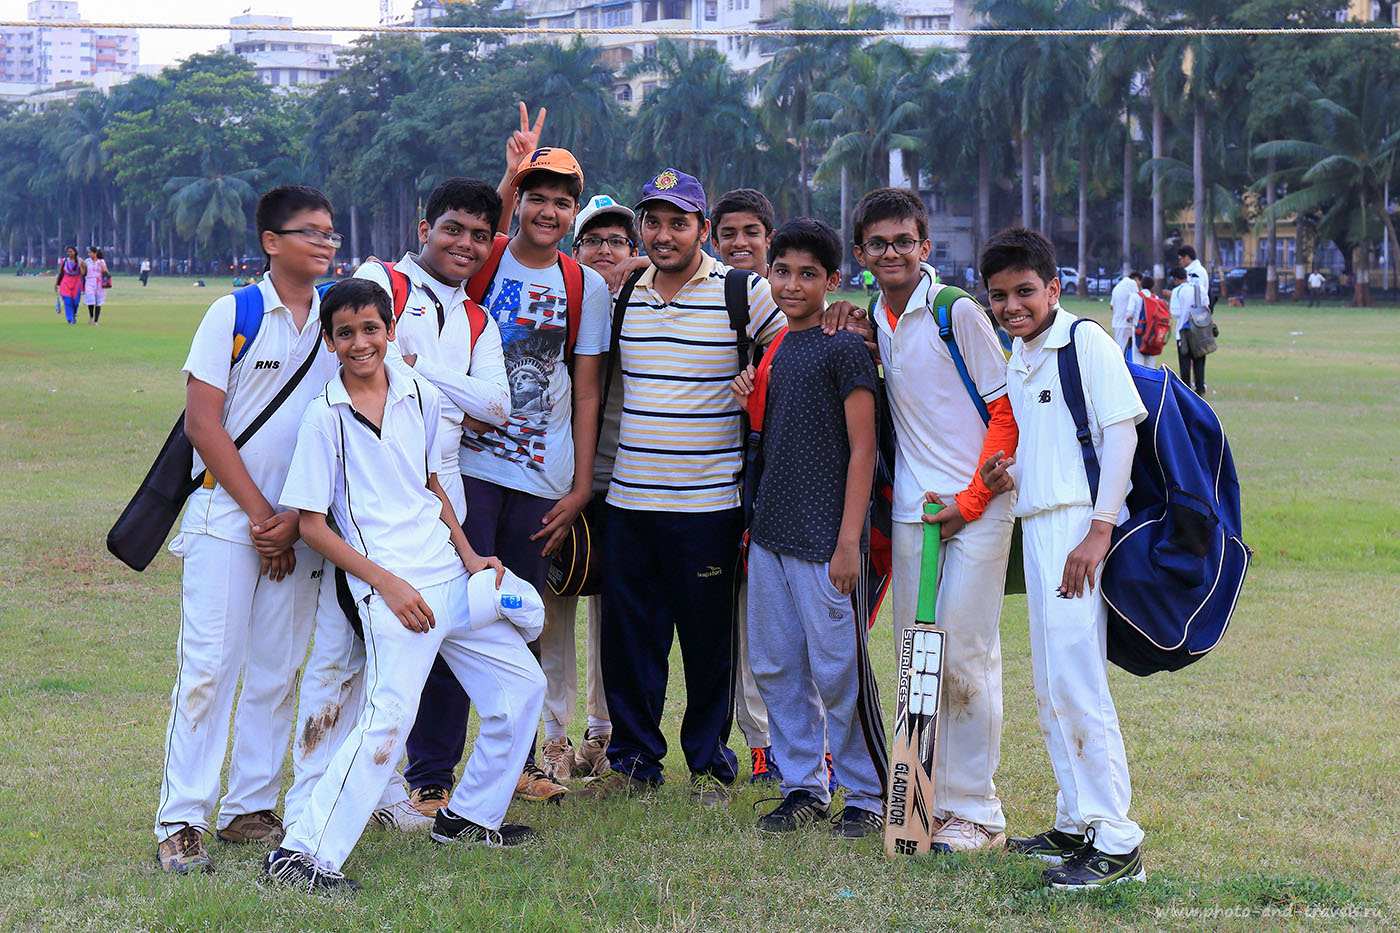 Фото 32. Игроки-мальчишки в Мумбаи.Отчет о путешествии по Индии самостоятельно. (Canon EOS 6D. Canon 24-70, параметры 1/25, -1eV, f9, 53 mm, ISO 320)